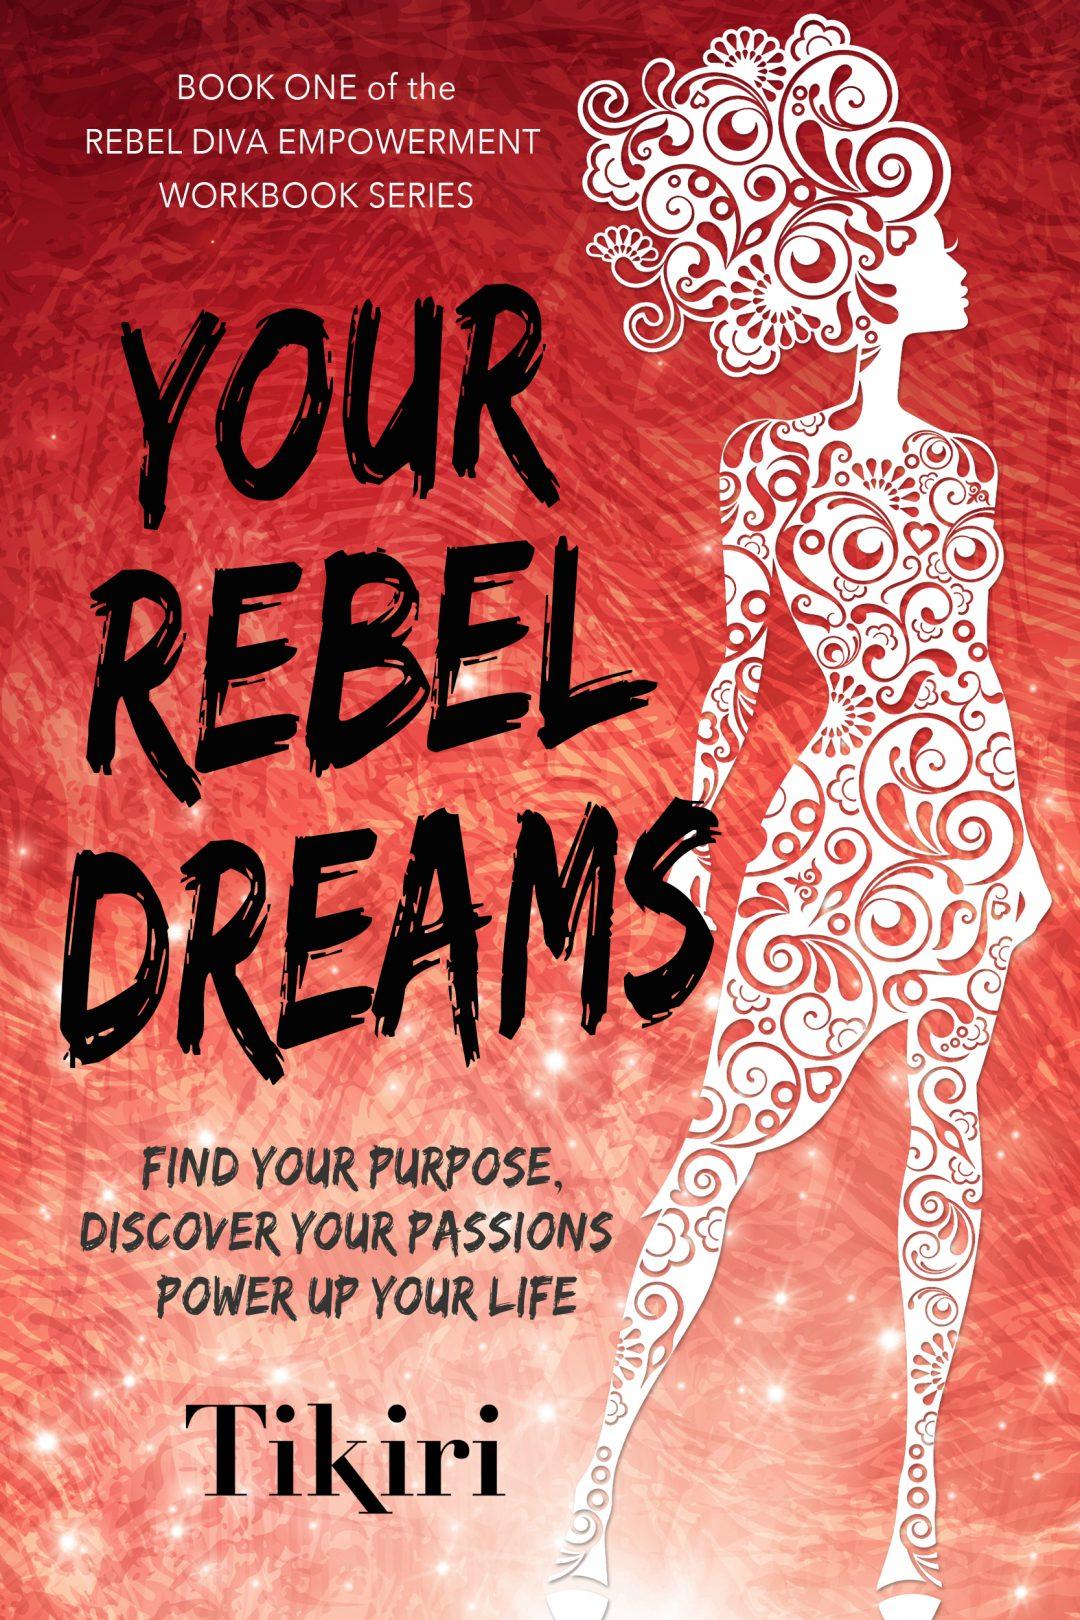 Rebel Diva Book 1 – Your Rebel Dreams